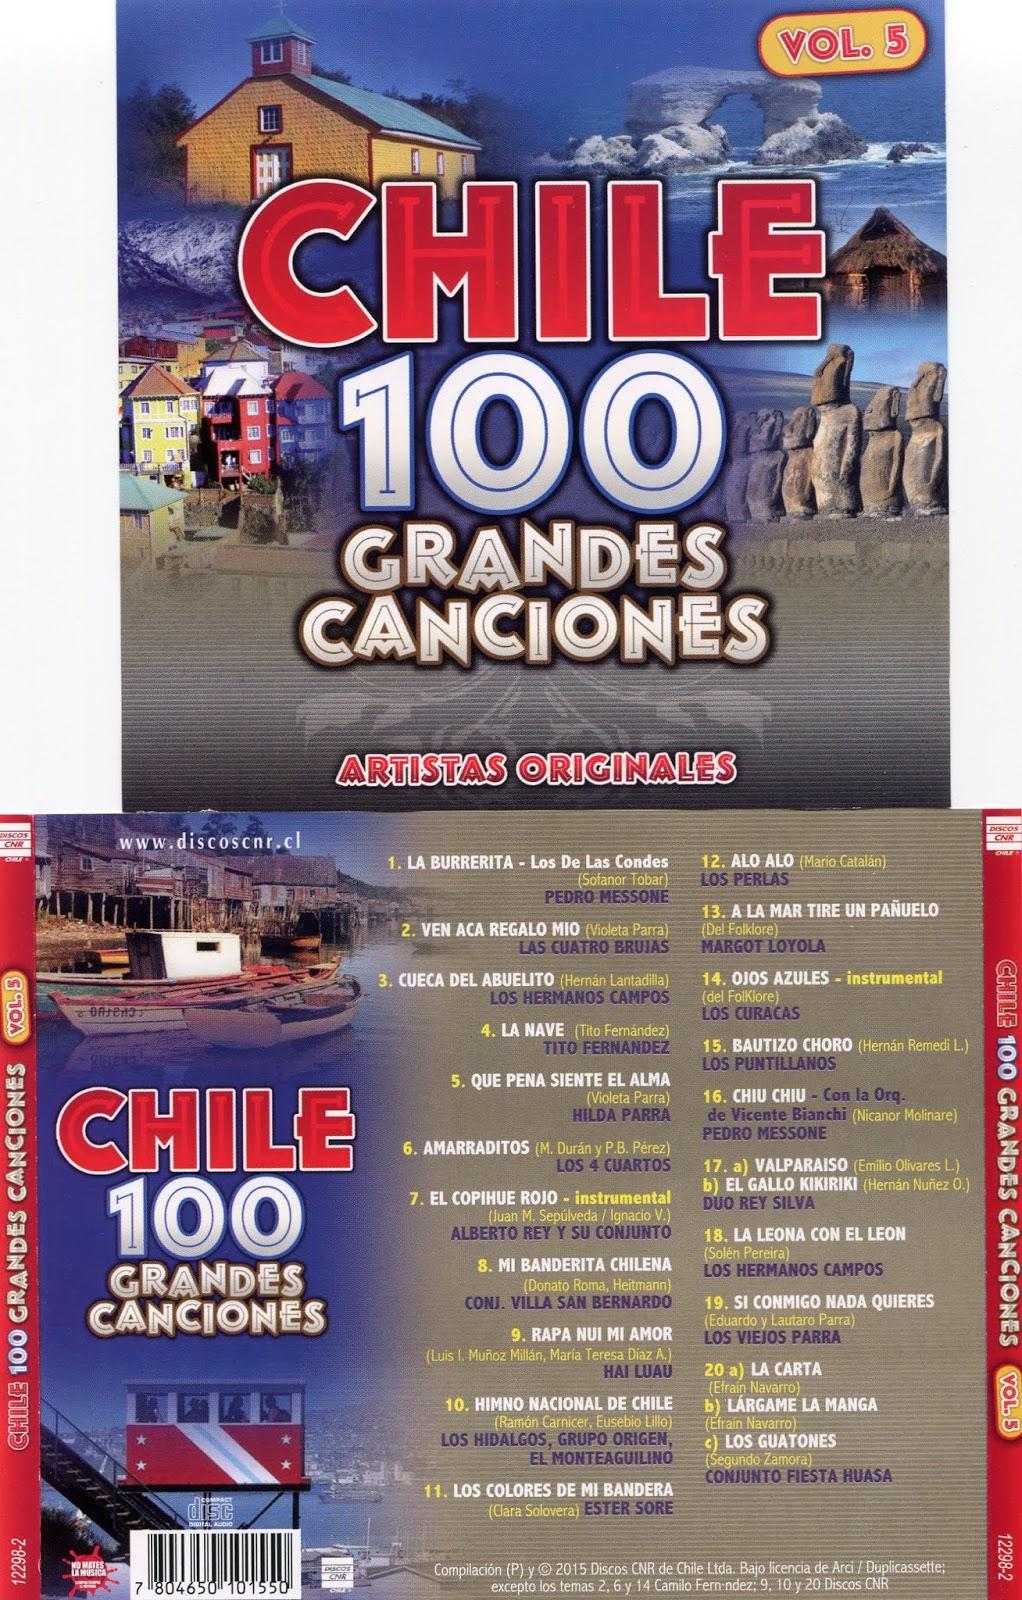 cd 100 grandes canciones de Chile Cd 5 Vol5